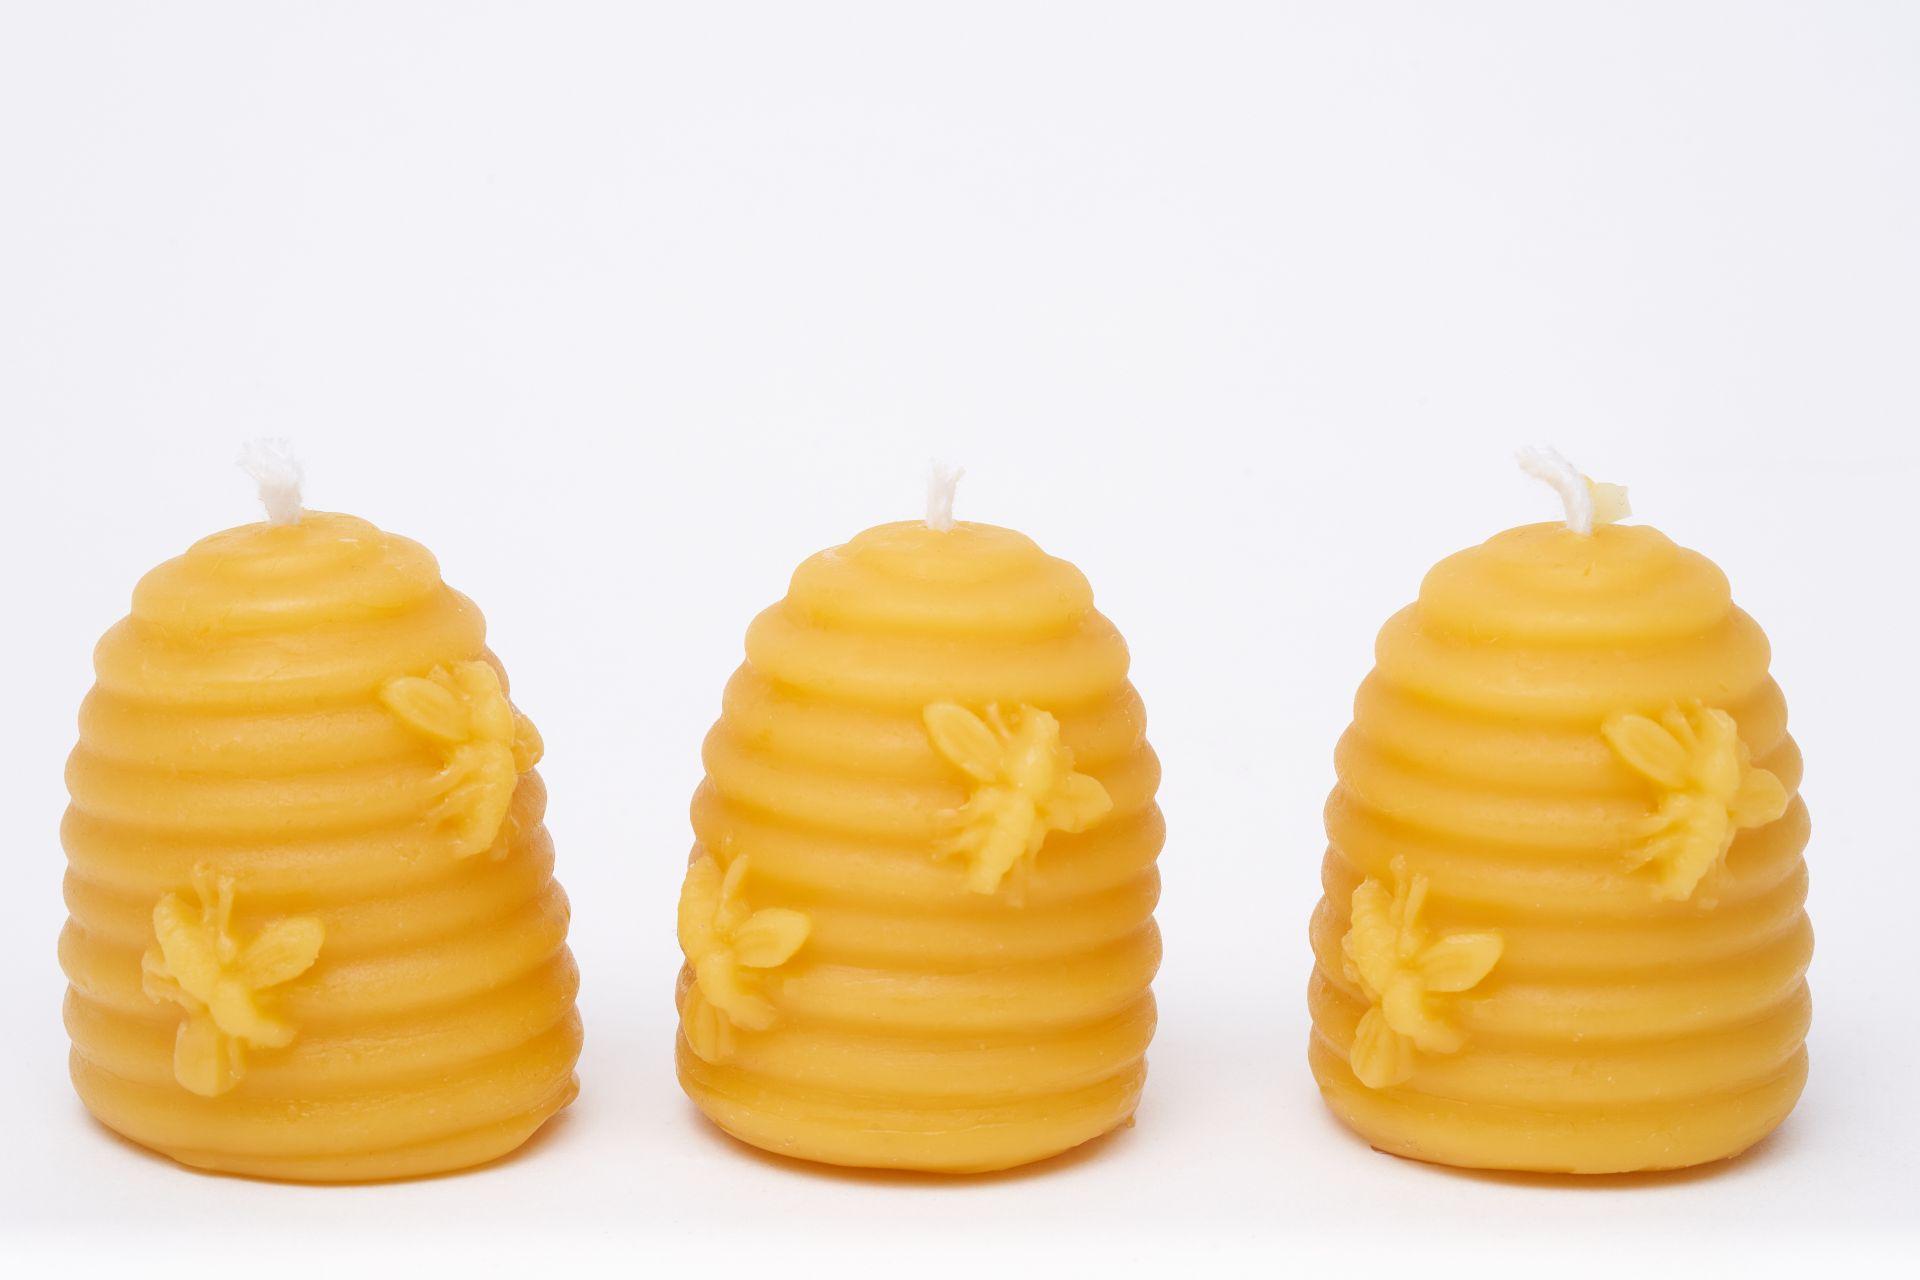 3x Kerze Bienenkorb (Höhe ca. 5cm) aus 100% Bienenwachs vom Imker